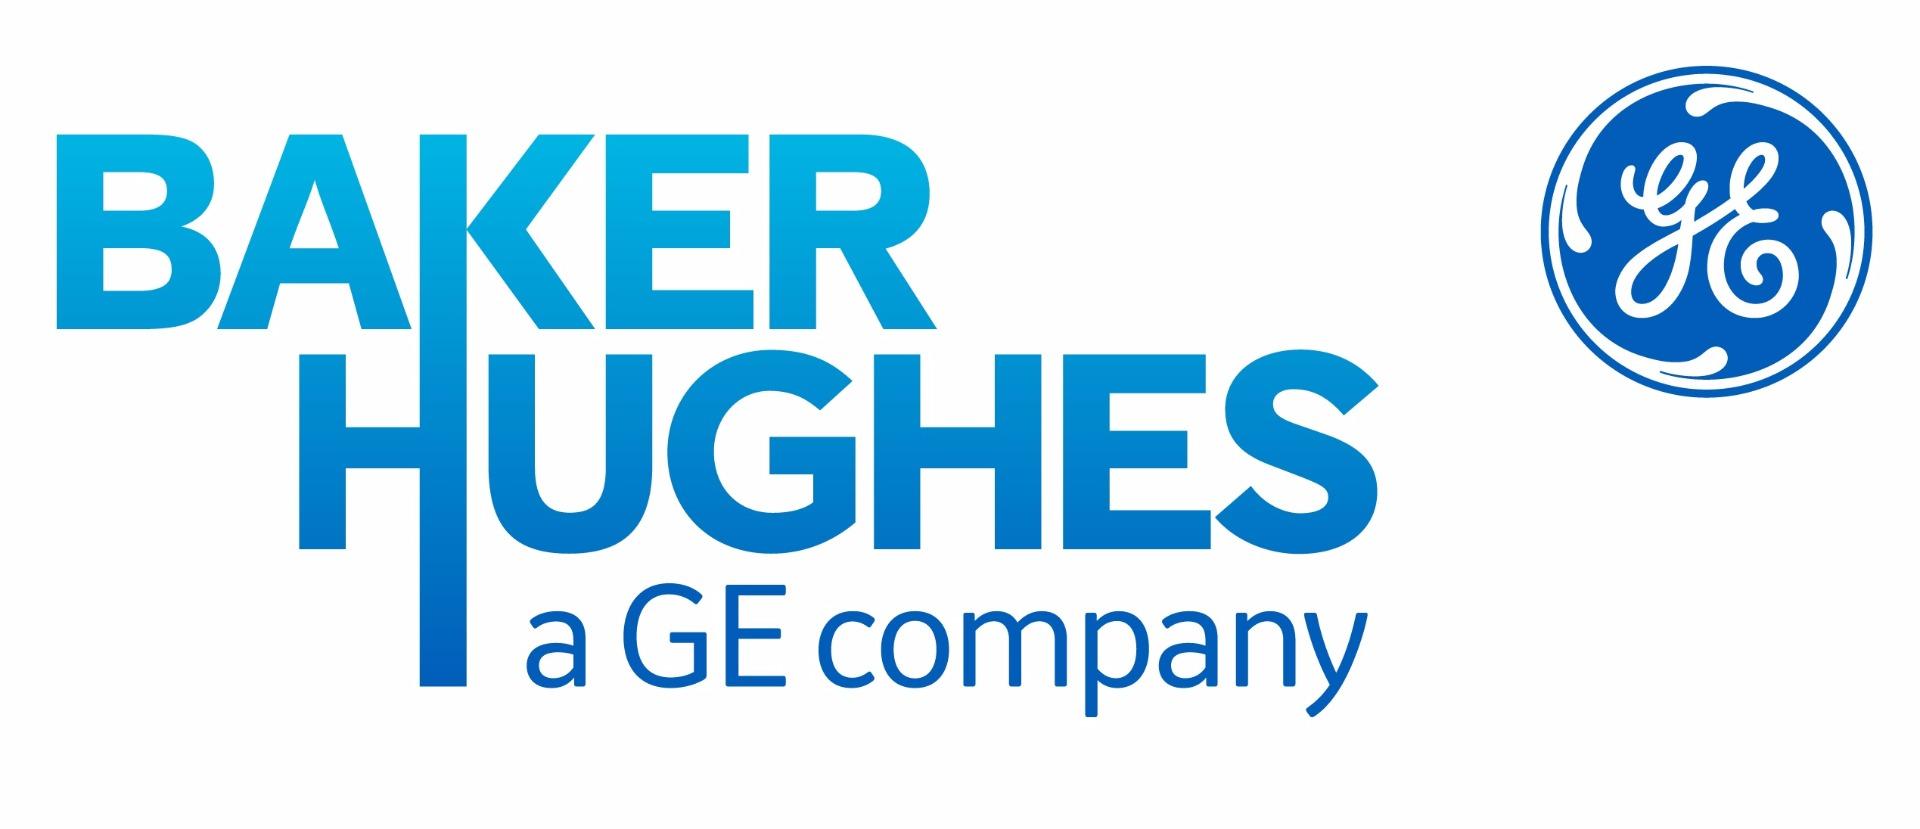 Baker Hughes GE tuyển dụng 02 vị trí làm việc tại Vũng Tàu